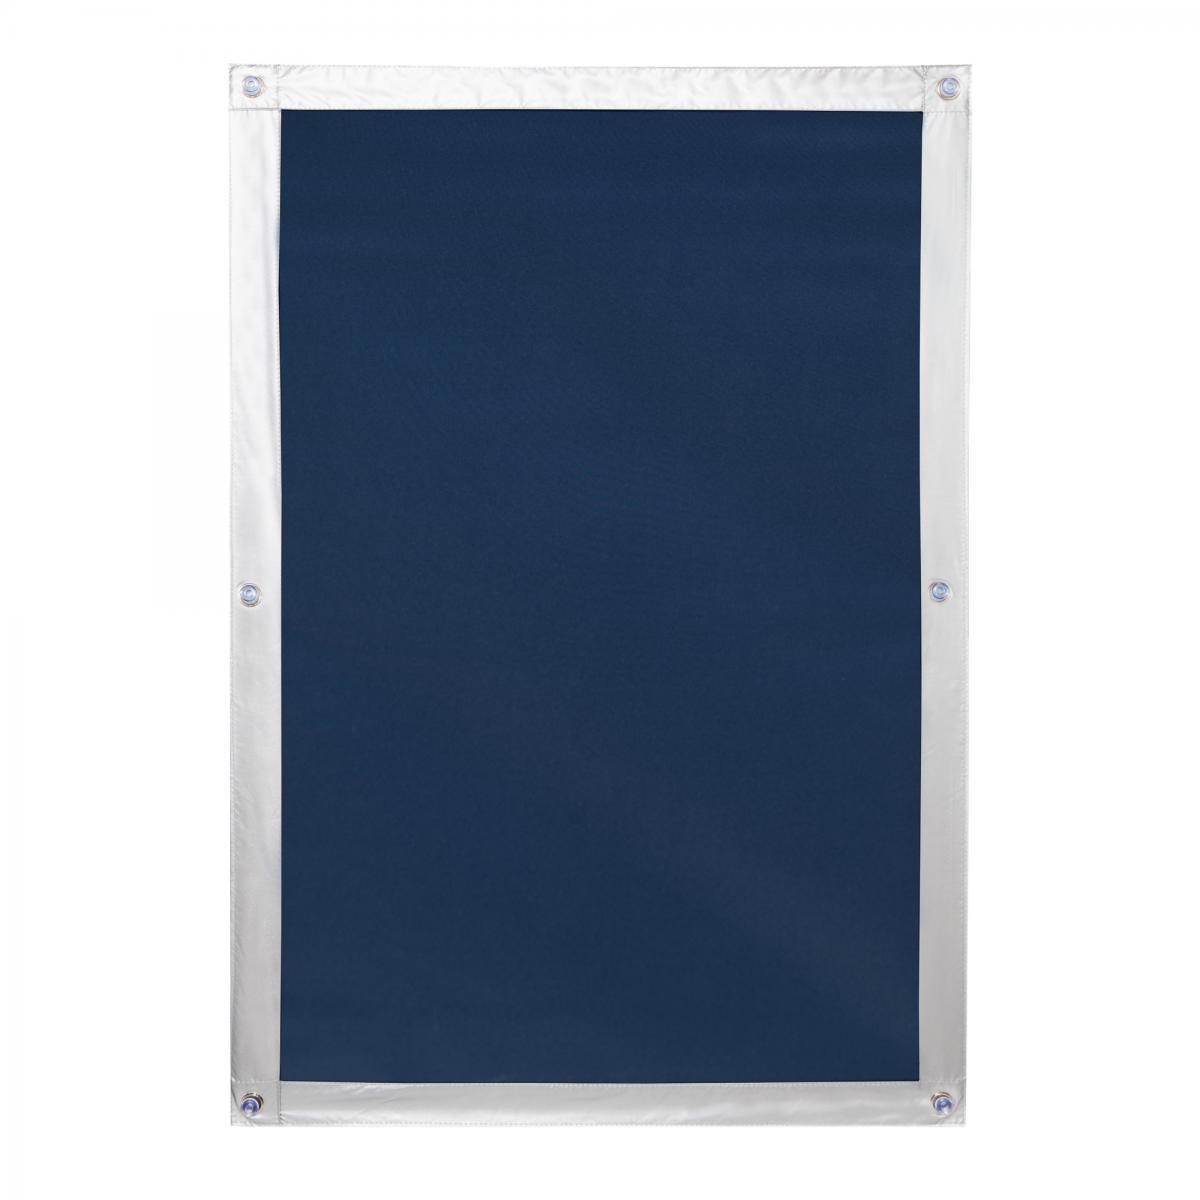 Bild 1 von Lichtblick Dachfenster Sonnenschutz Haftfix, ohne Bohren, Verdunkelung, Blau, 36 cm x 71,5 cm (B x L